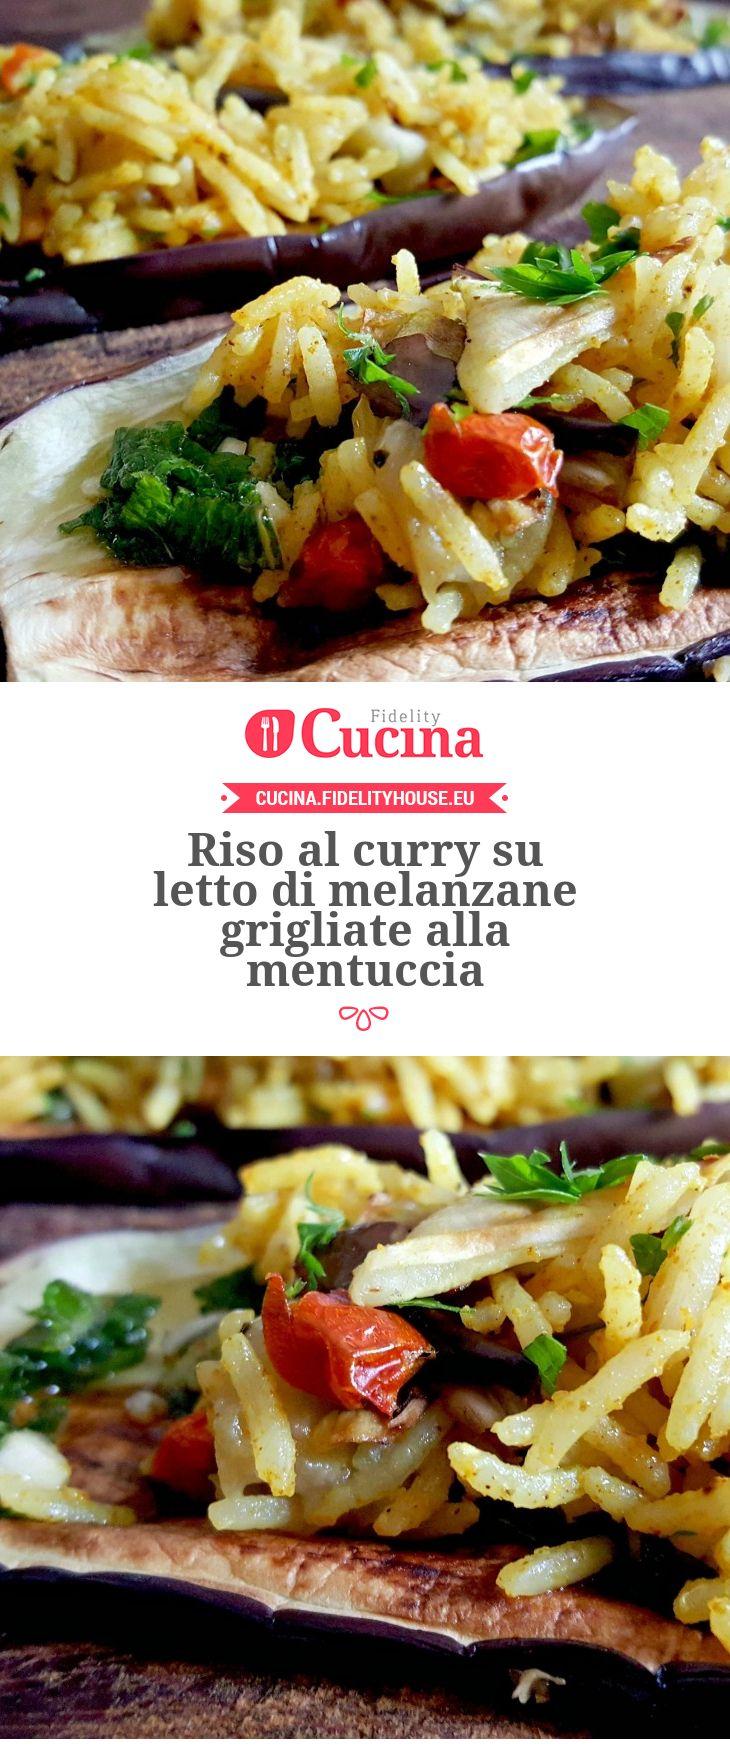 Riso al curry su letto di melanzane grigliate alla mentuccia